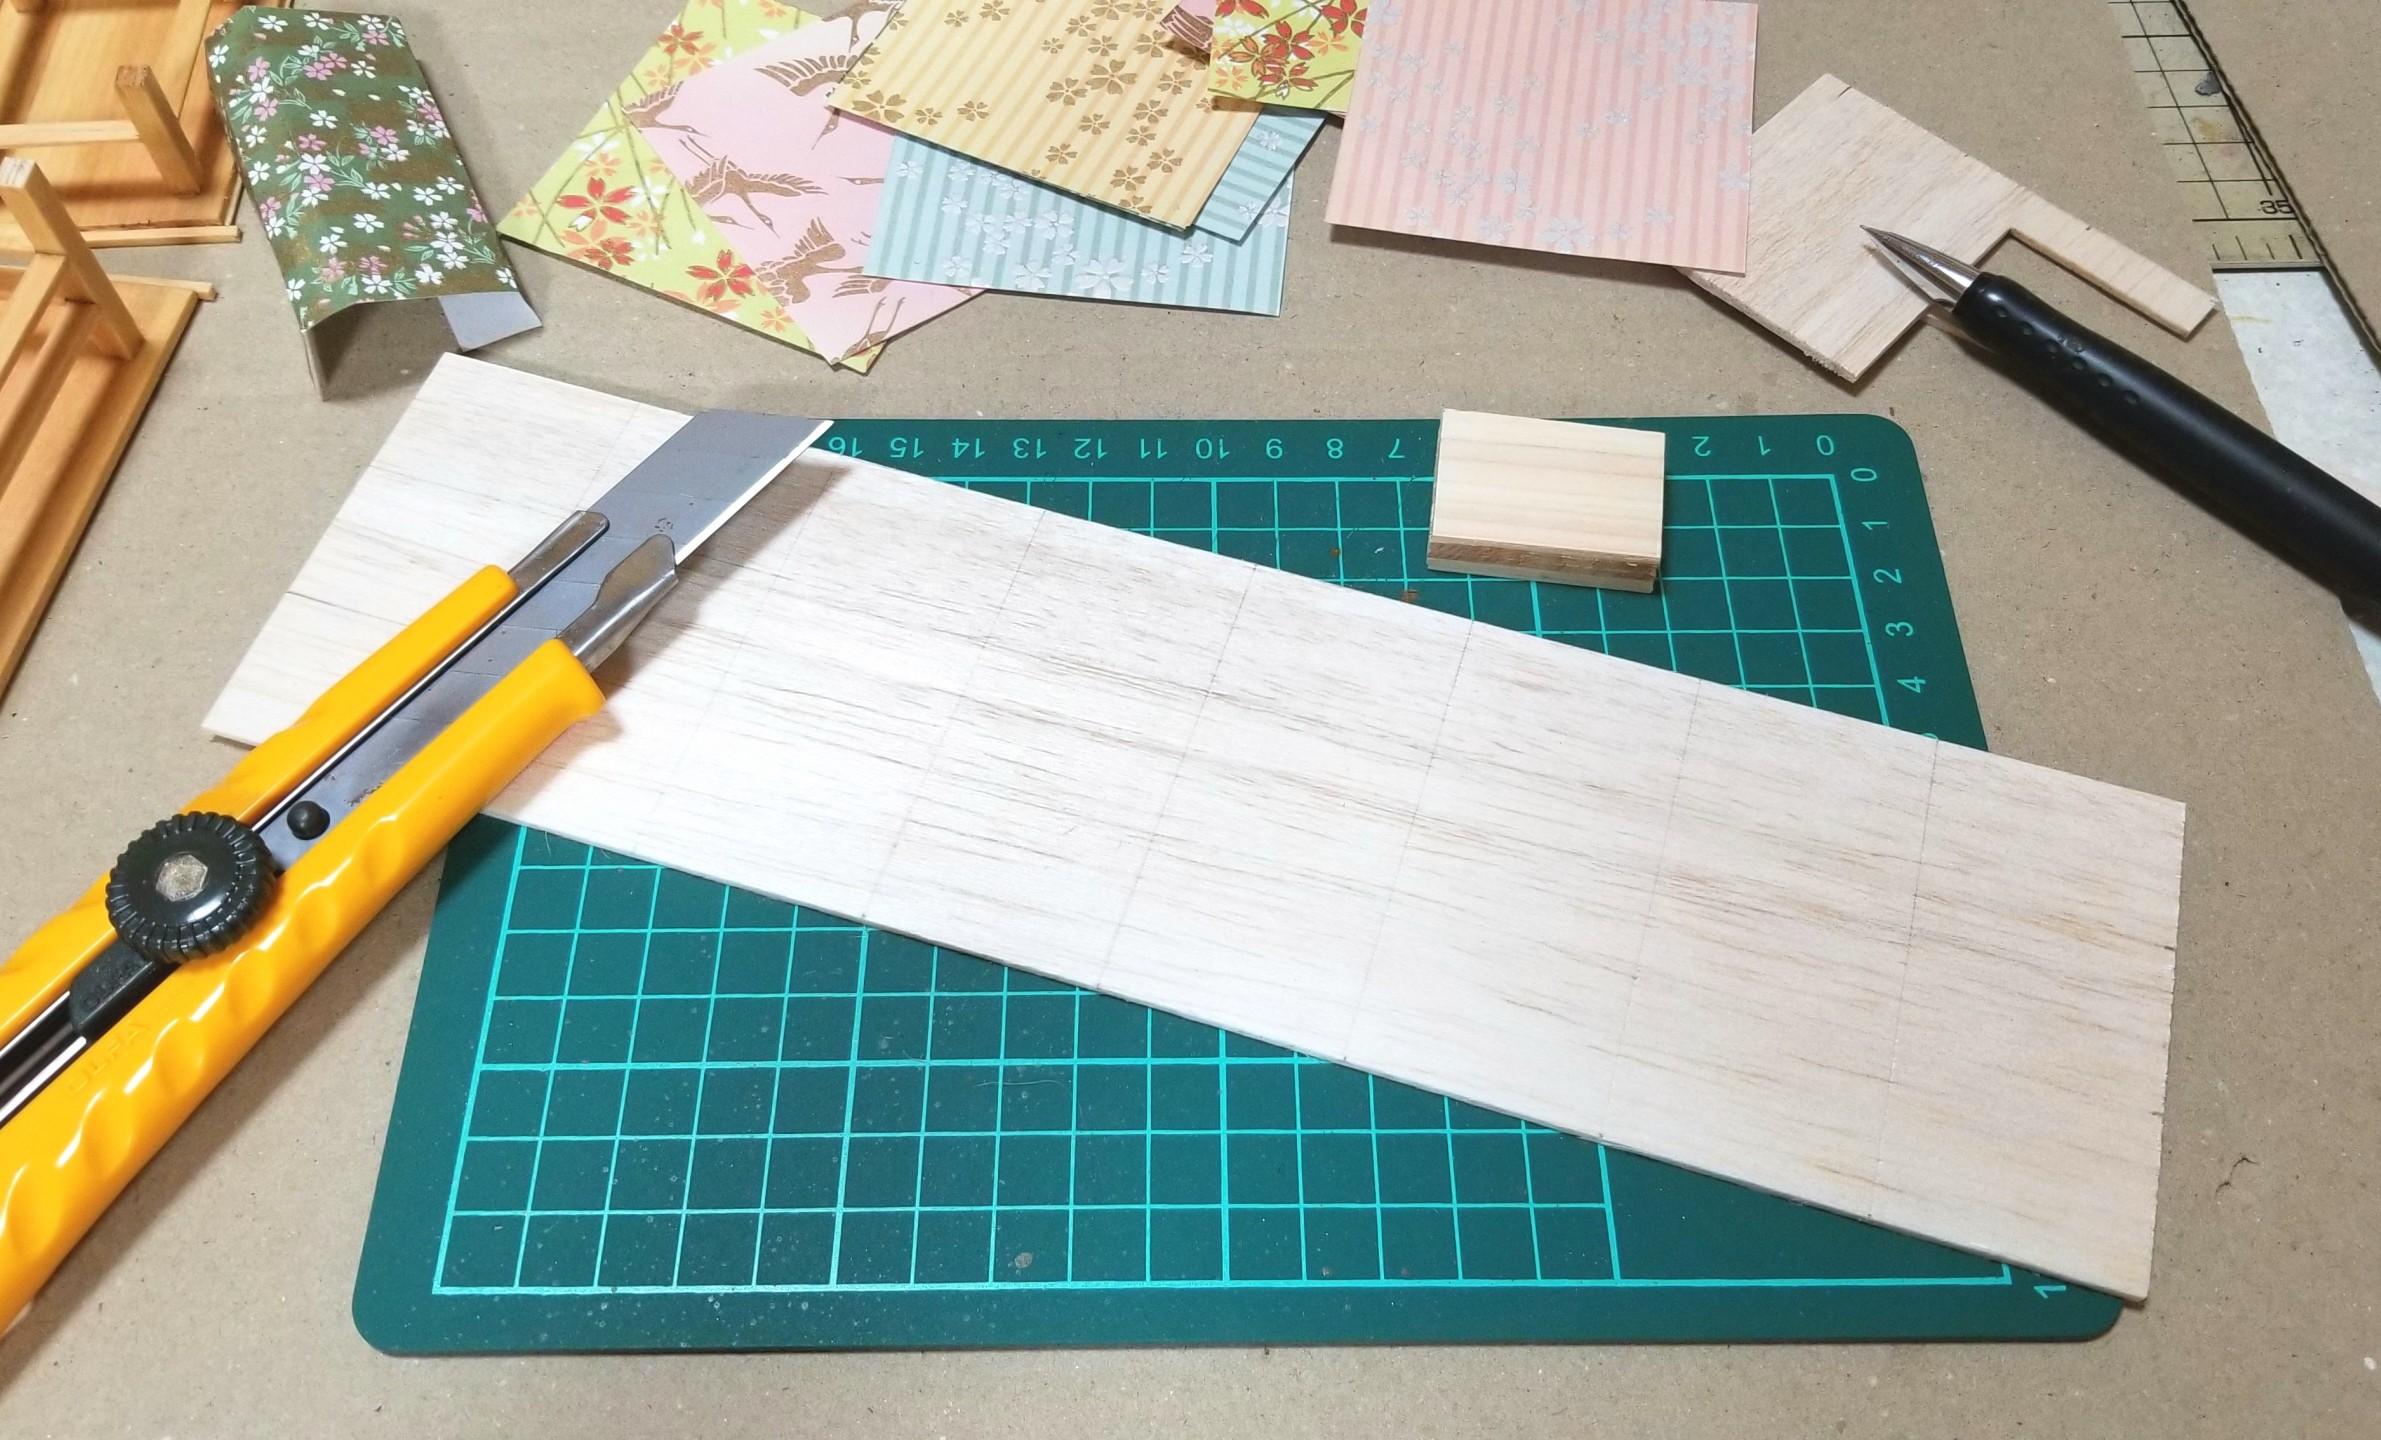 ミニチュアフード,菓子箱,和菓子屋,千代紙,折り紙,バルサ材,作り方